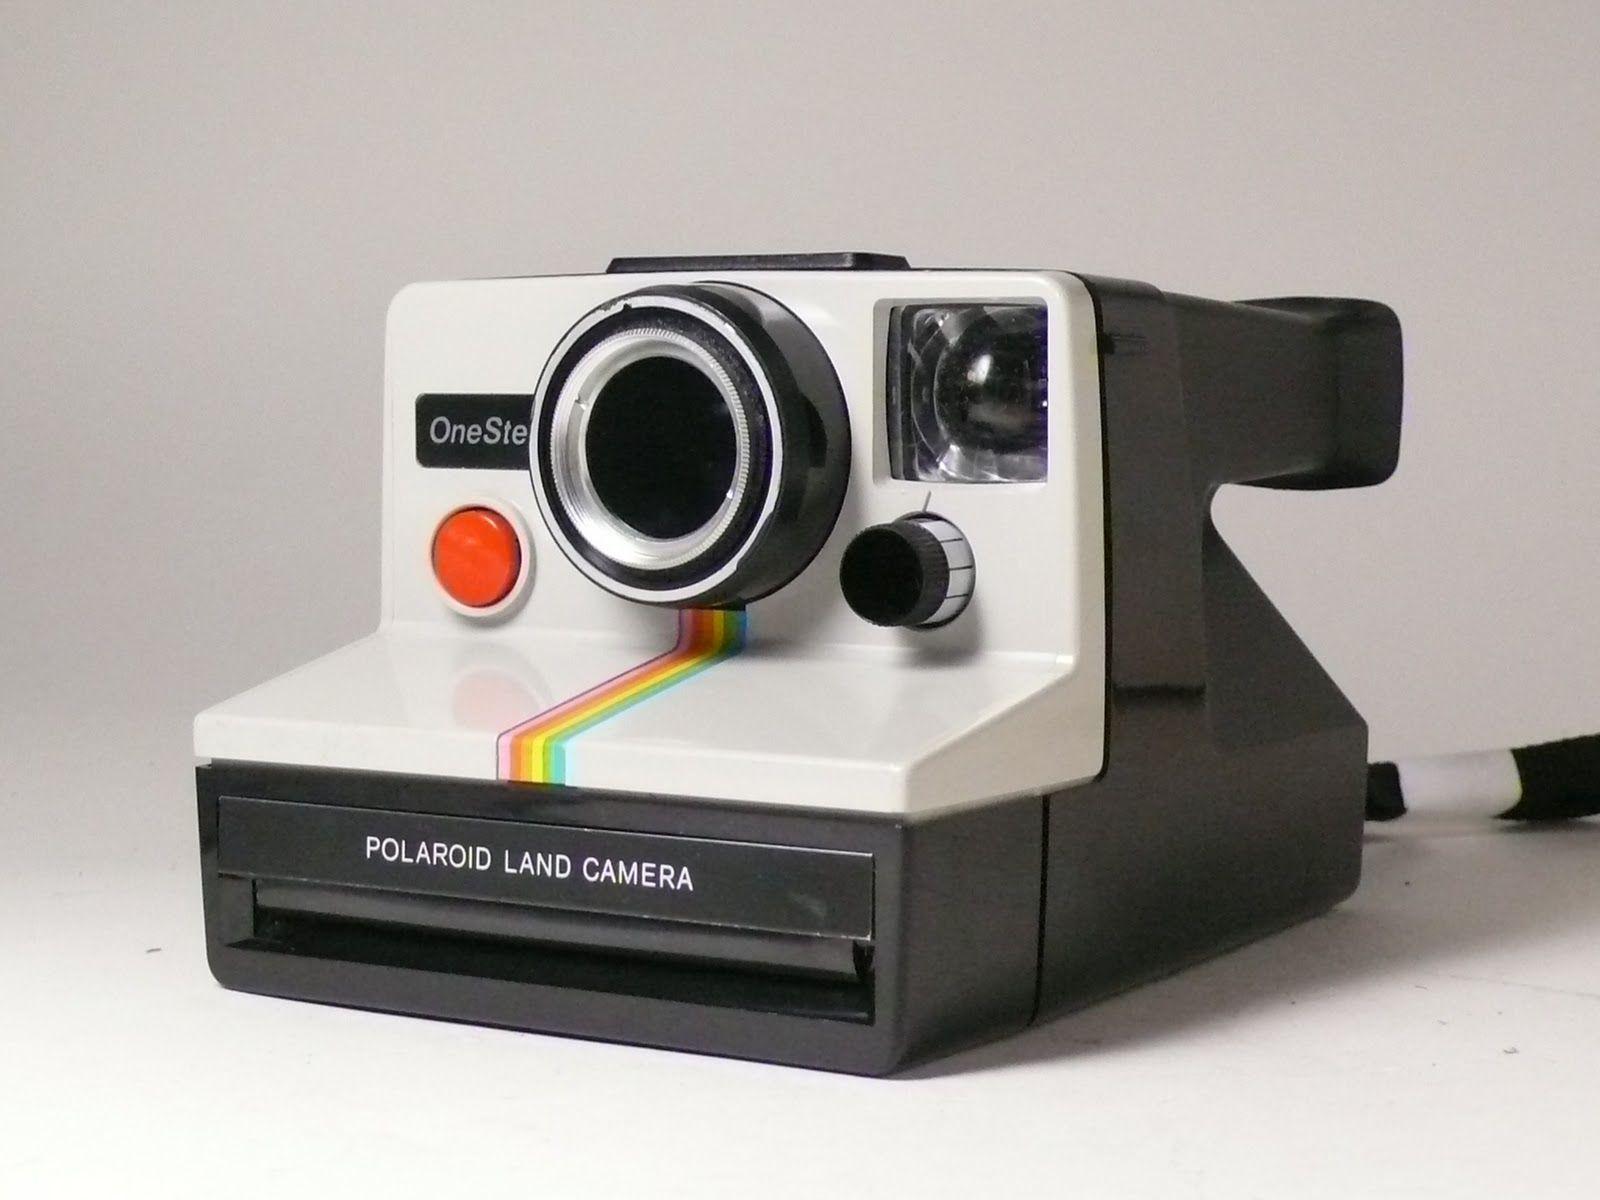 развлечениям первой все модели фотоаппаратов полароид кадрах съемок